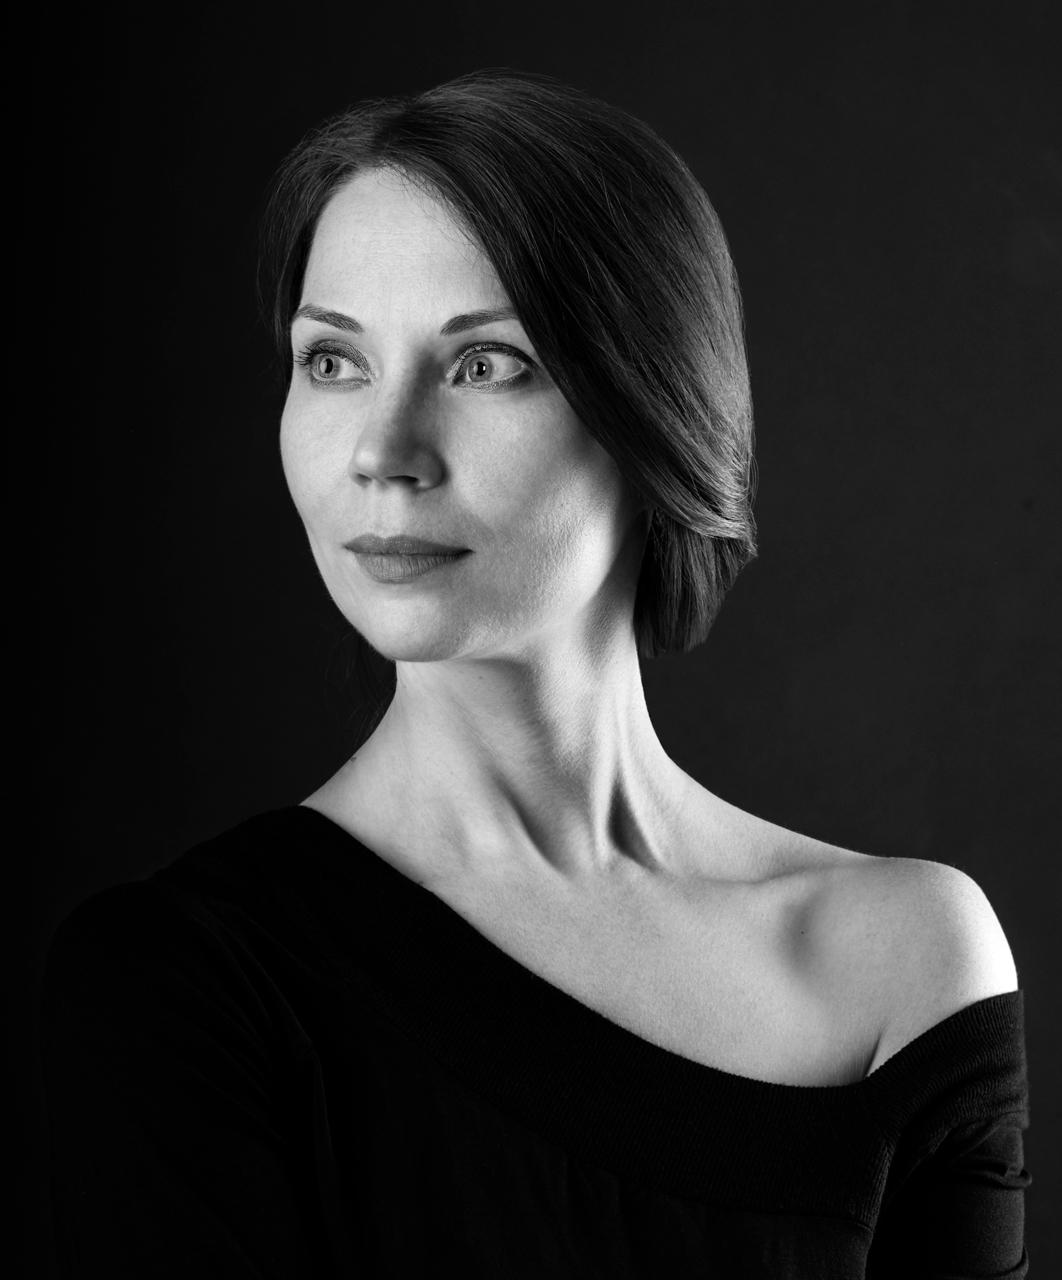 Портрет девушка фотограф Евгения Яценко Varganshik Варганчик